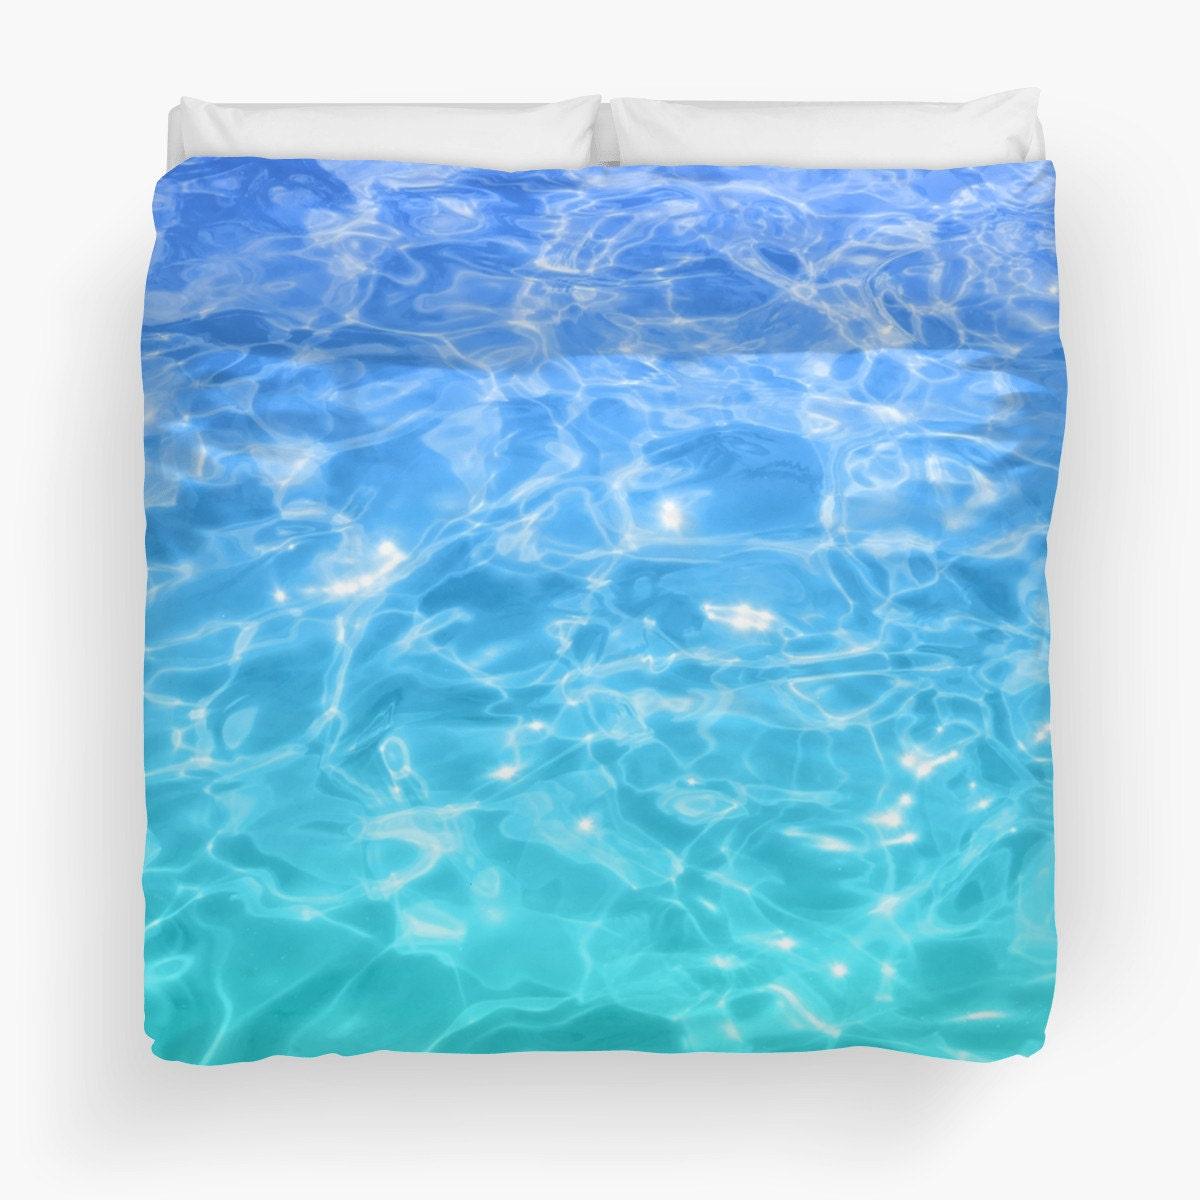 Housse de couette housse de couette bleu couette aqua eau for Housse de couette traduction